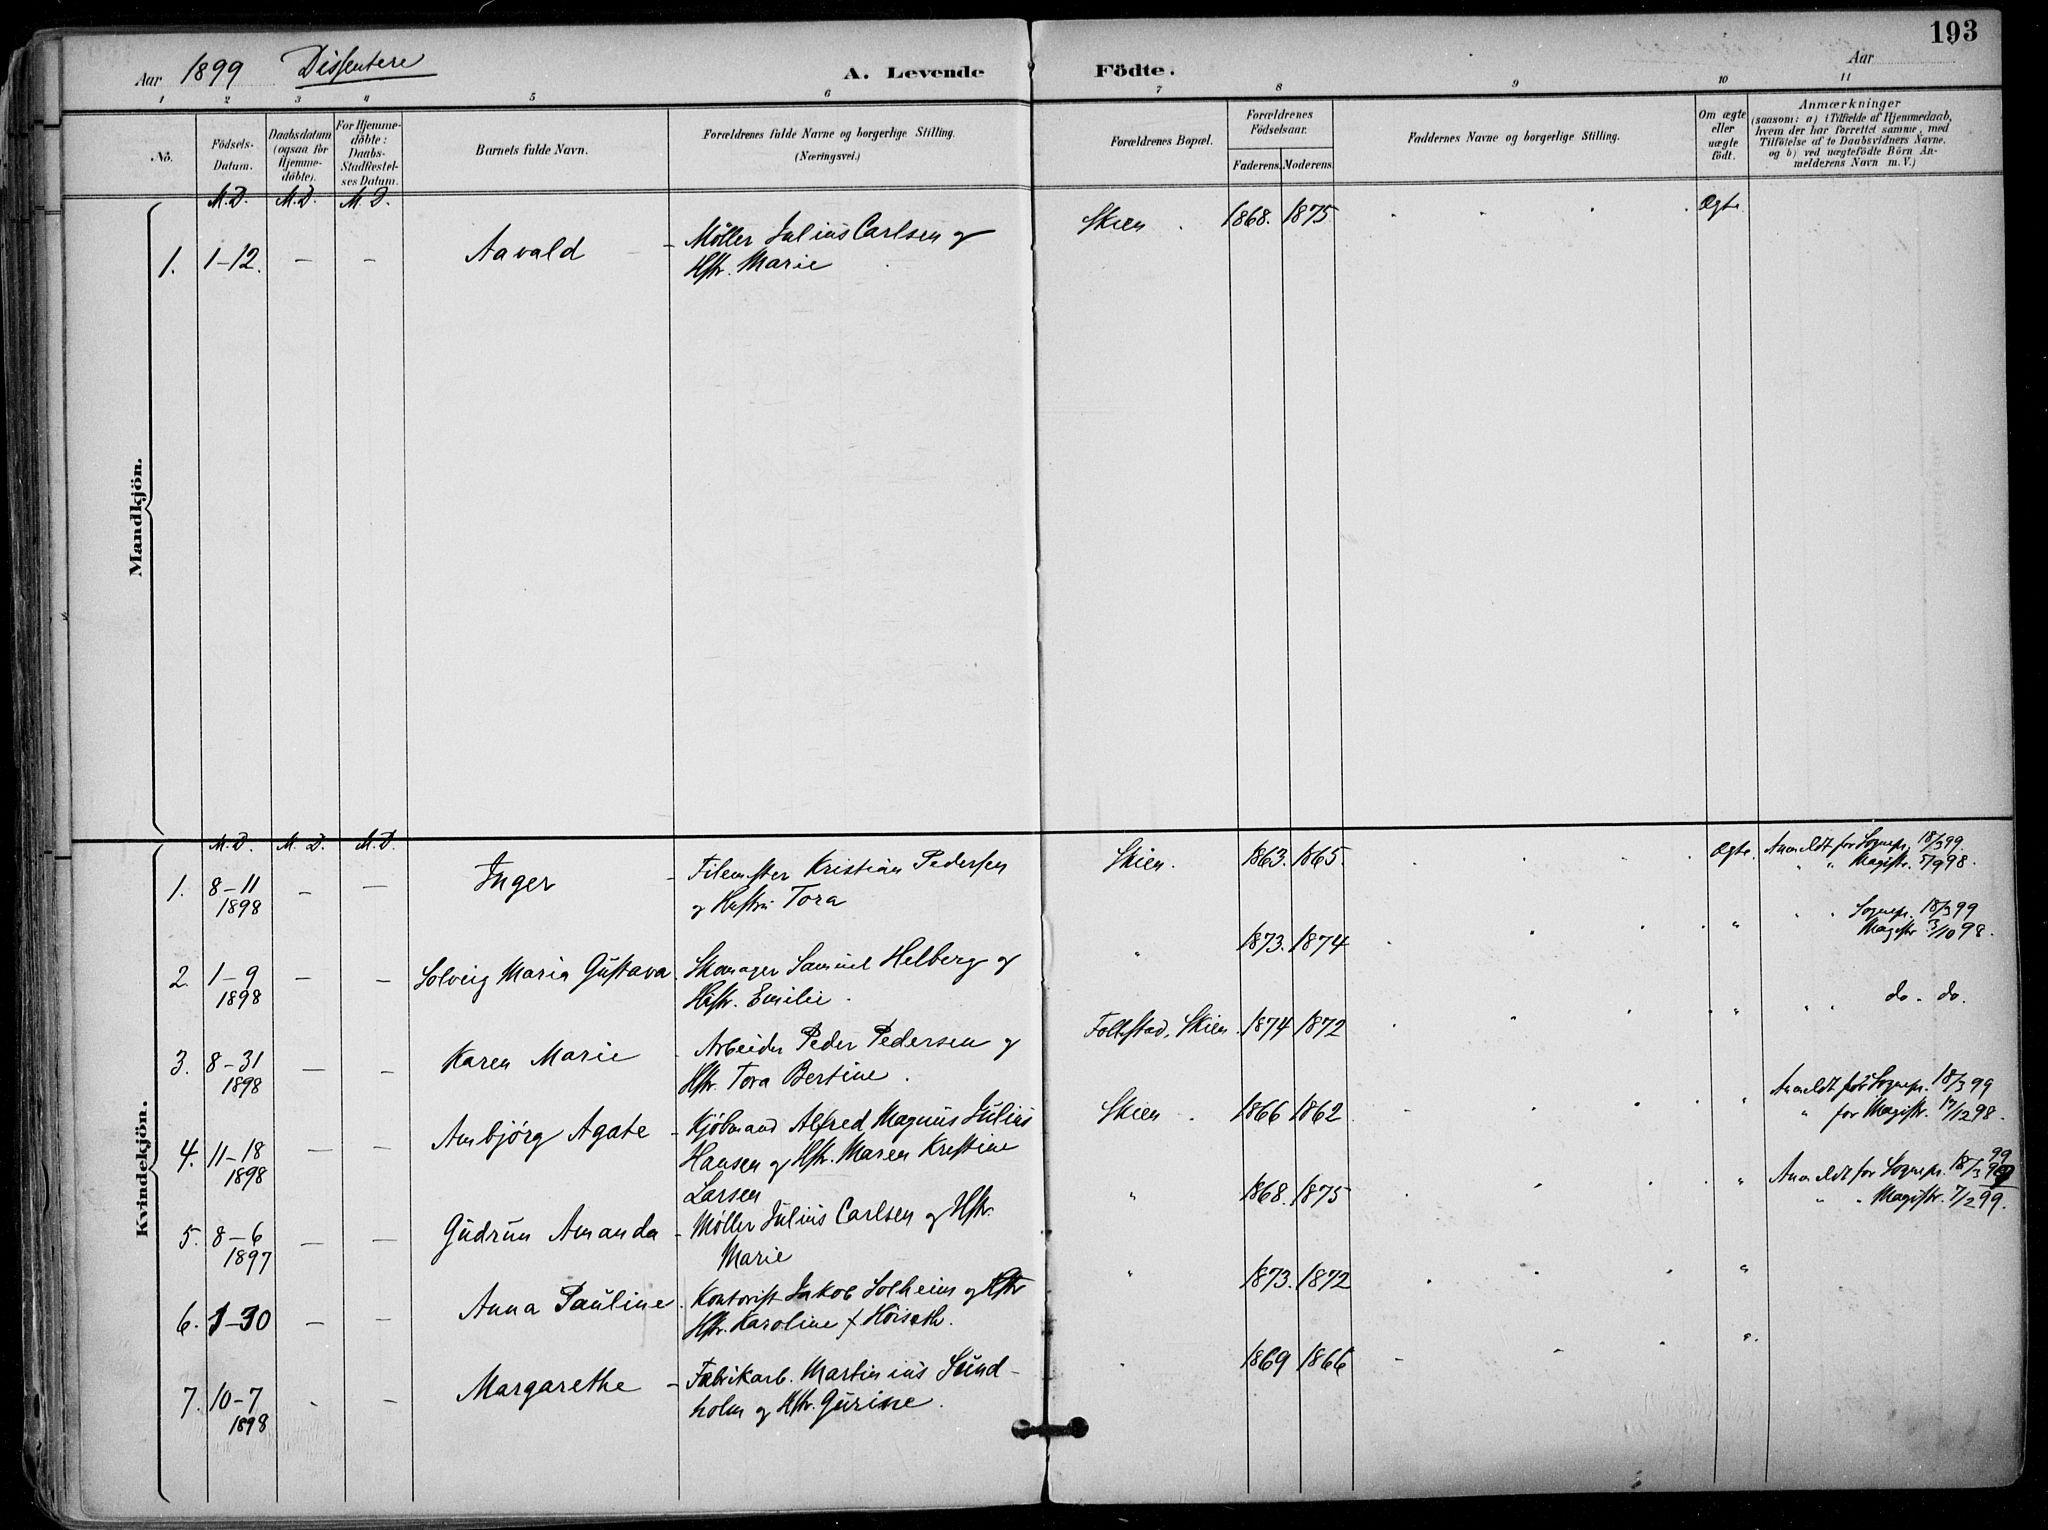 SAKO, Skien kirkebøker, F/Fa/L0010: Ministerialbok nr. 10, 1891-1899, s. 193